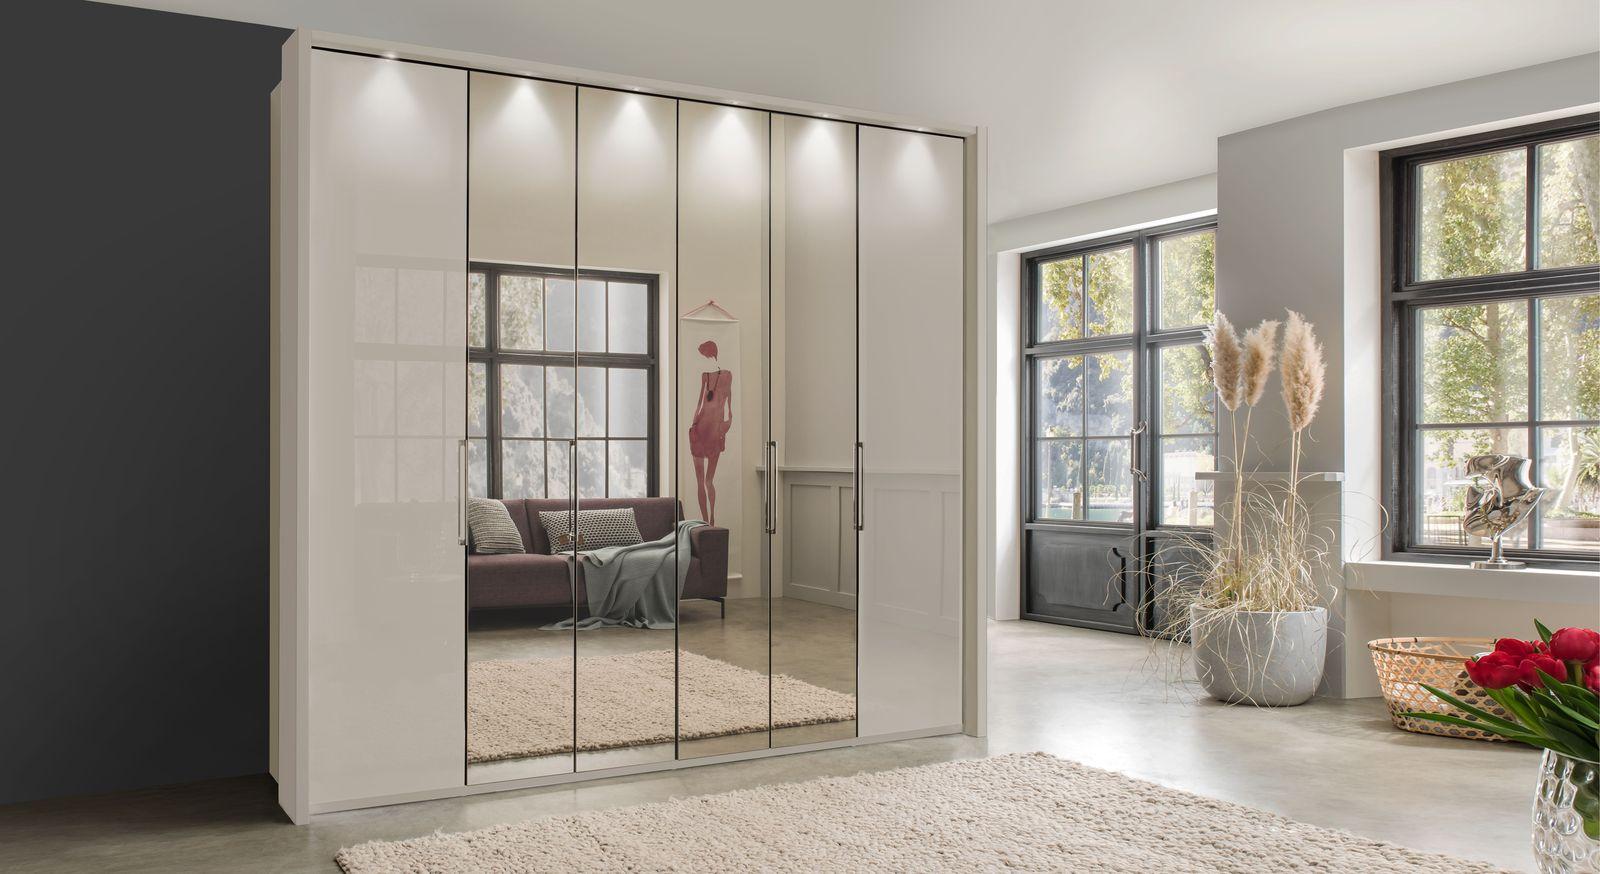 Spiegel-Falttüren-Kleiderschrank Northville mit praktischer Zusatzausstattung